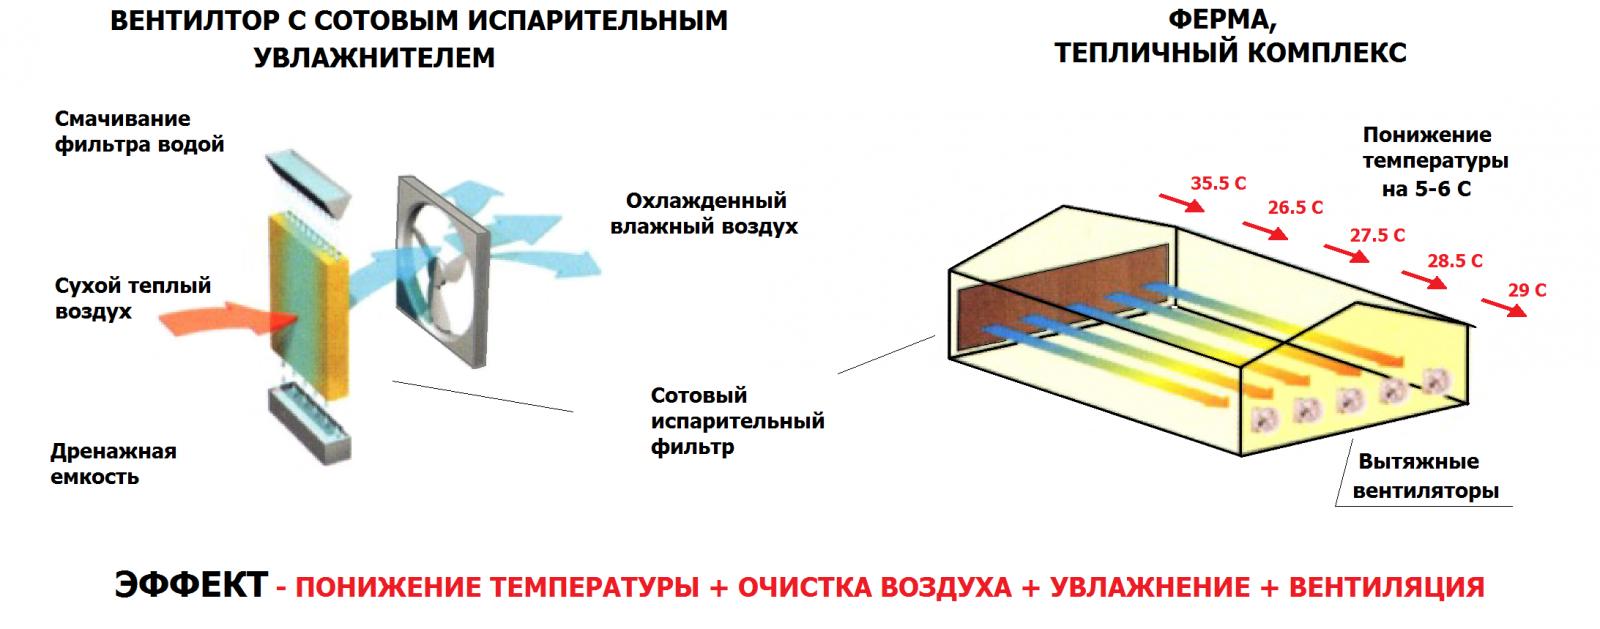 эффективный вытяжной осевой вентилятор для теплиц и ферм